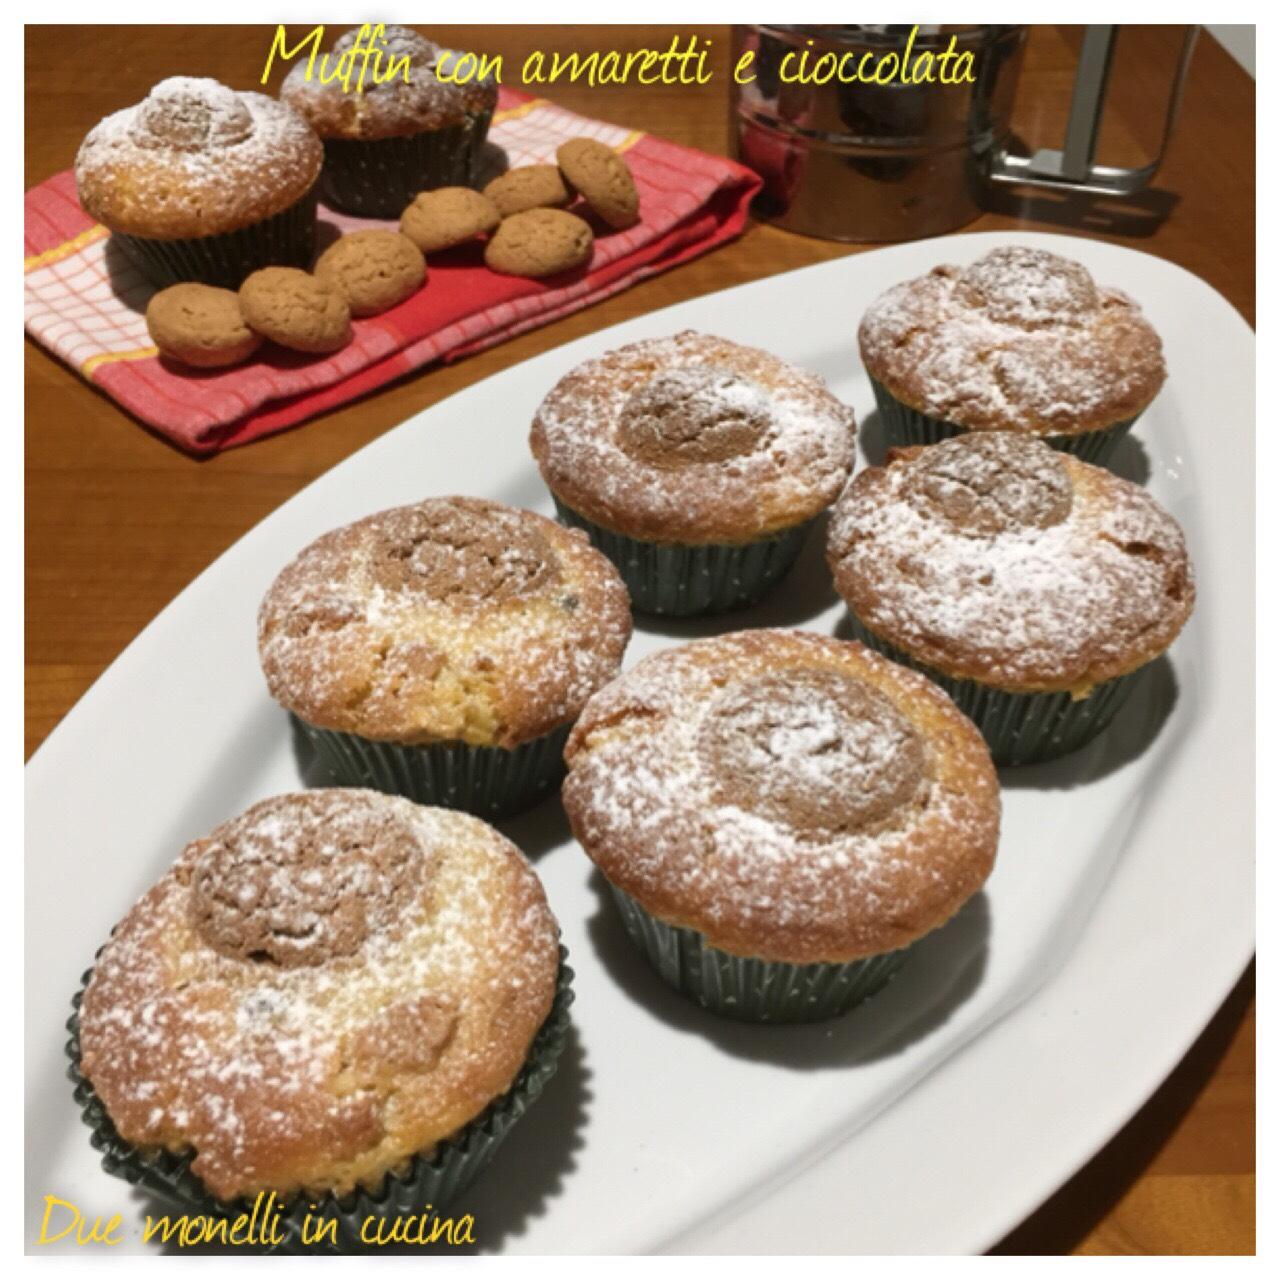 Muffin con amaretti e cioccolata